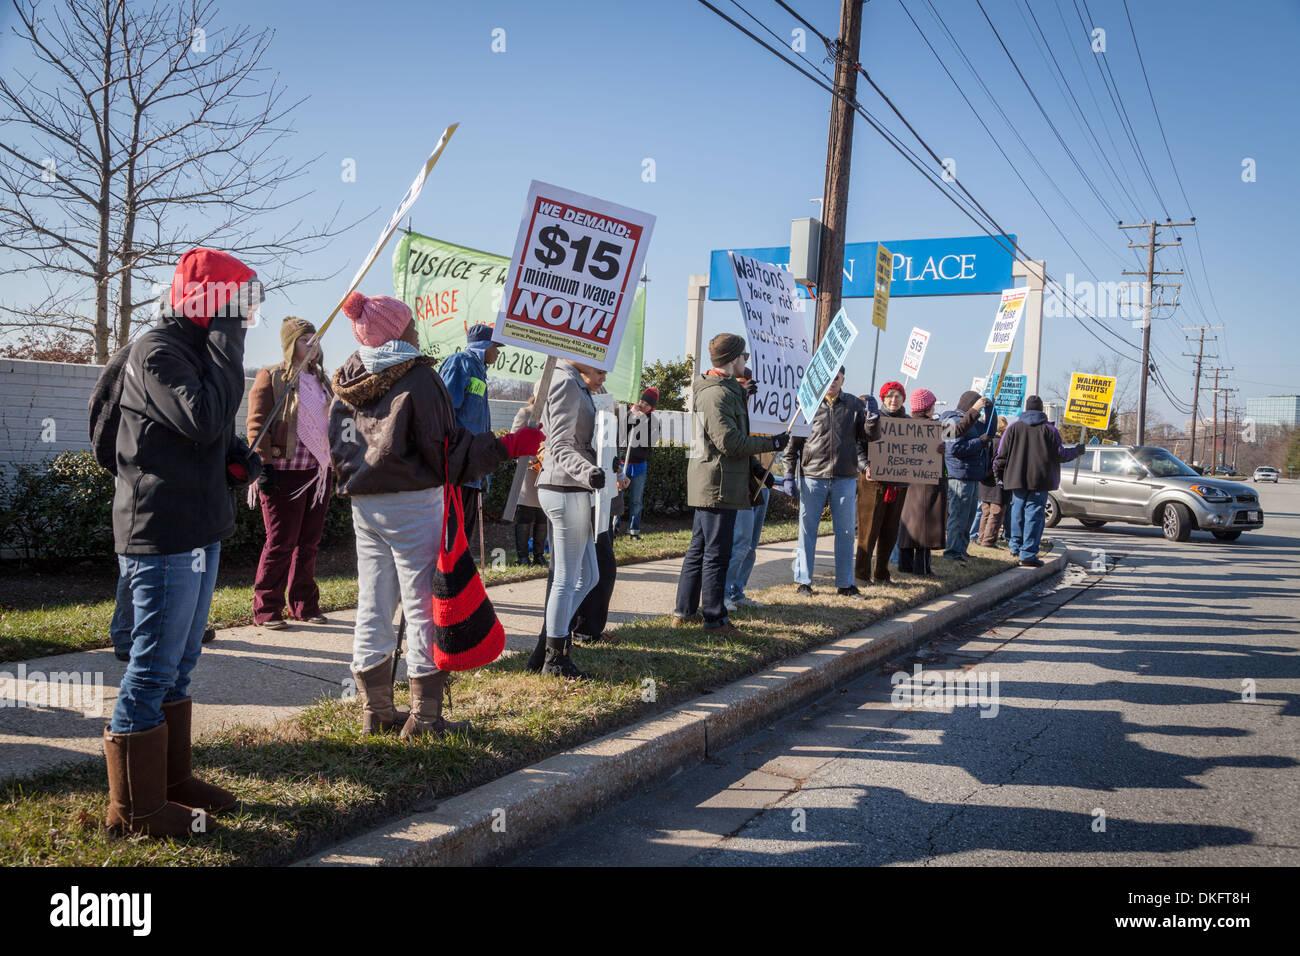 Viernes Negro anti-protesta de Walmart, apoyando el salario vital, en Towson, Maryland, Condado de Baltimore. Imagen De Stock